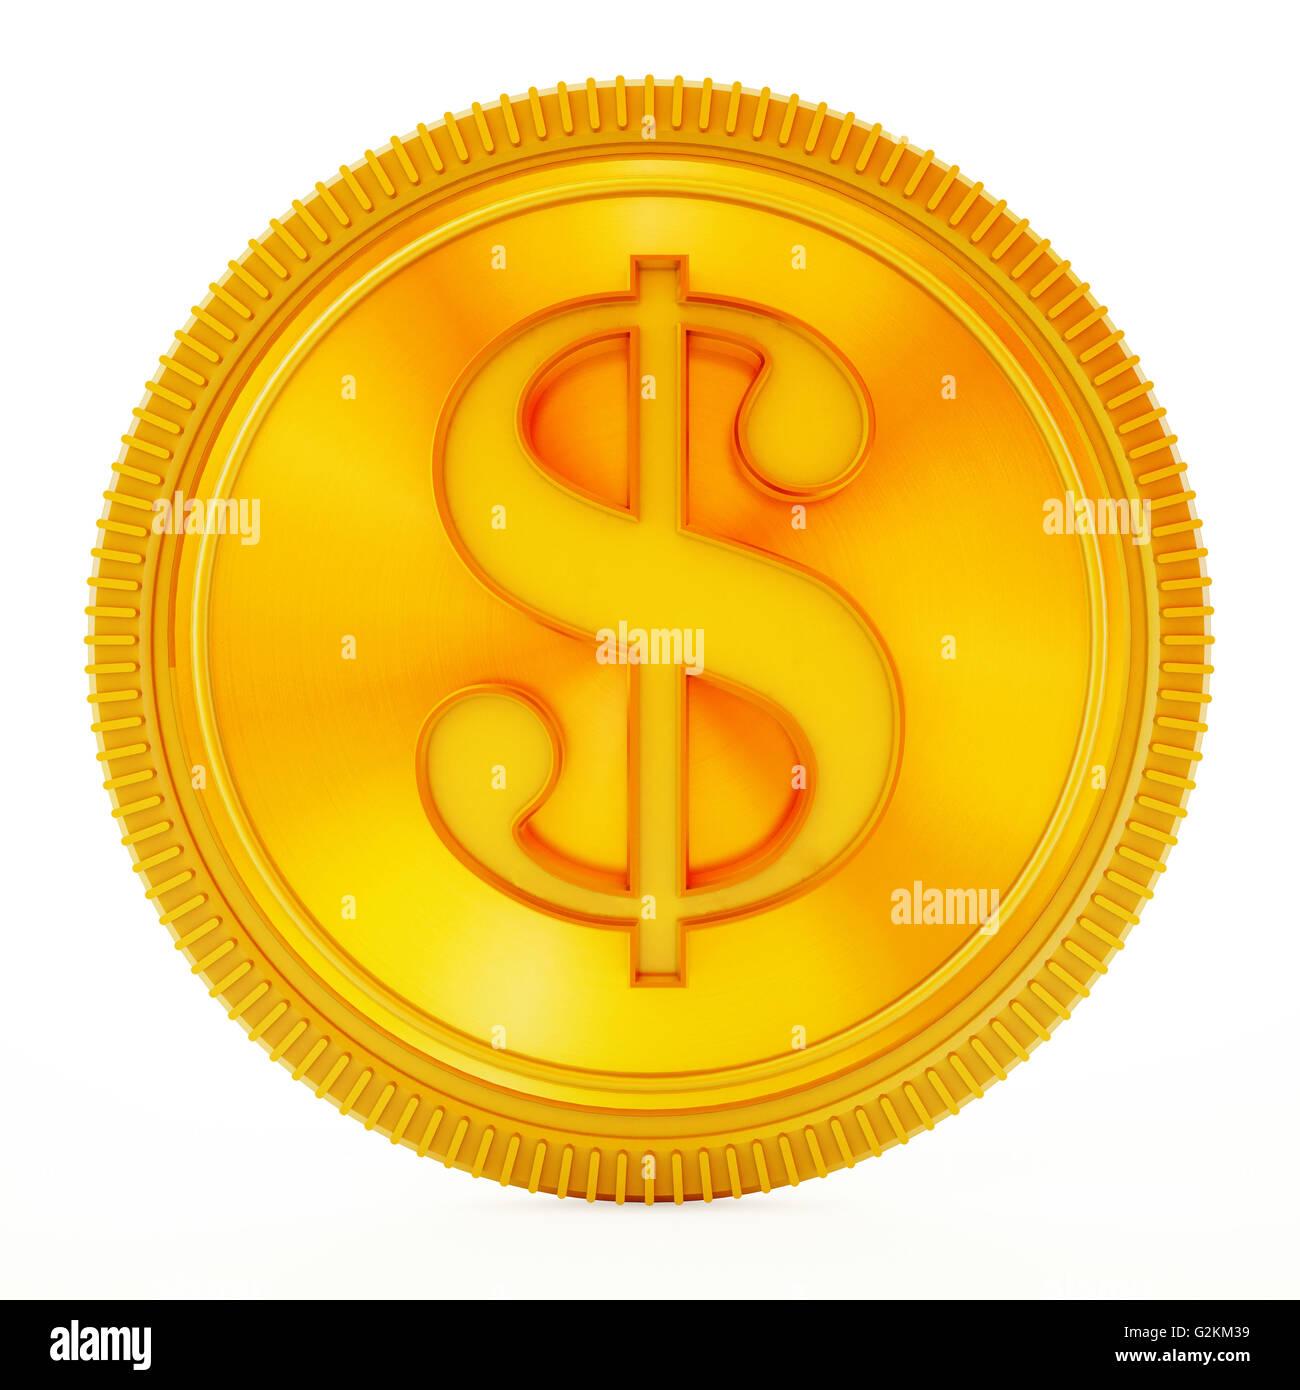 Pièce d'or avec le symbole dollar isolé sur fond blanc. Photo Stock